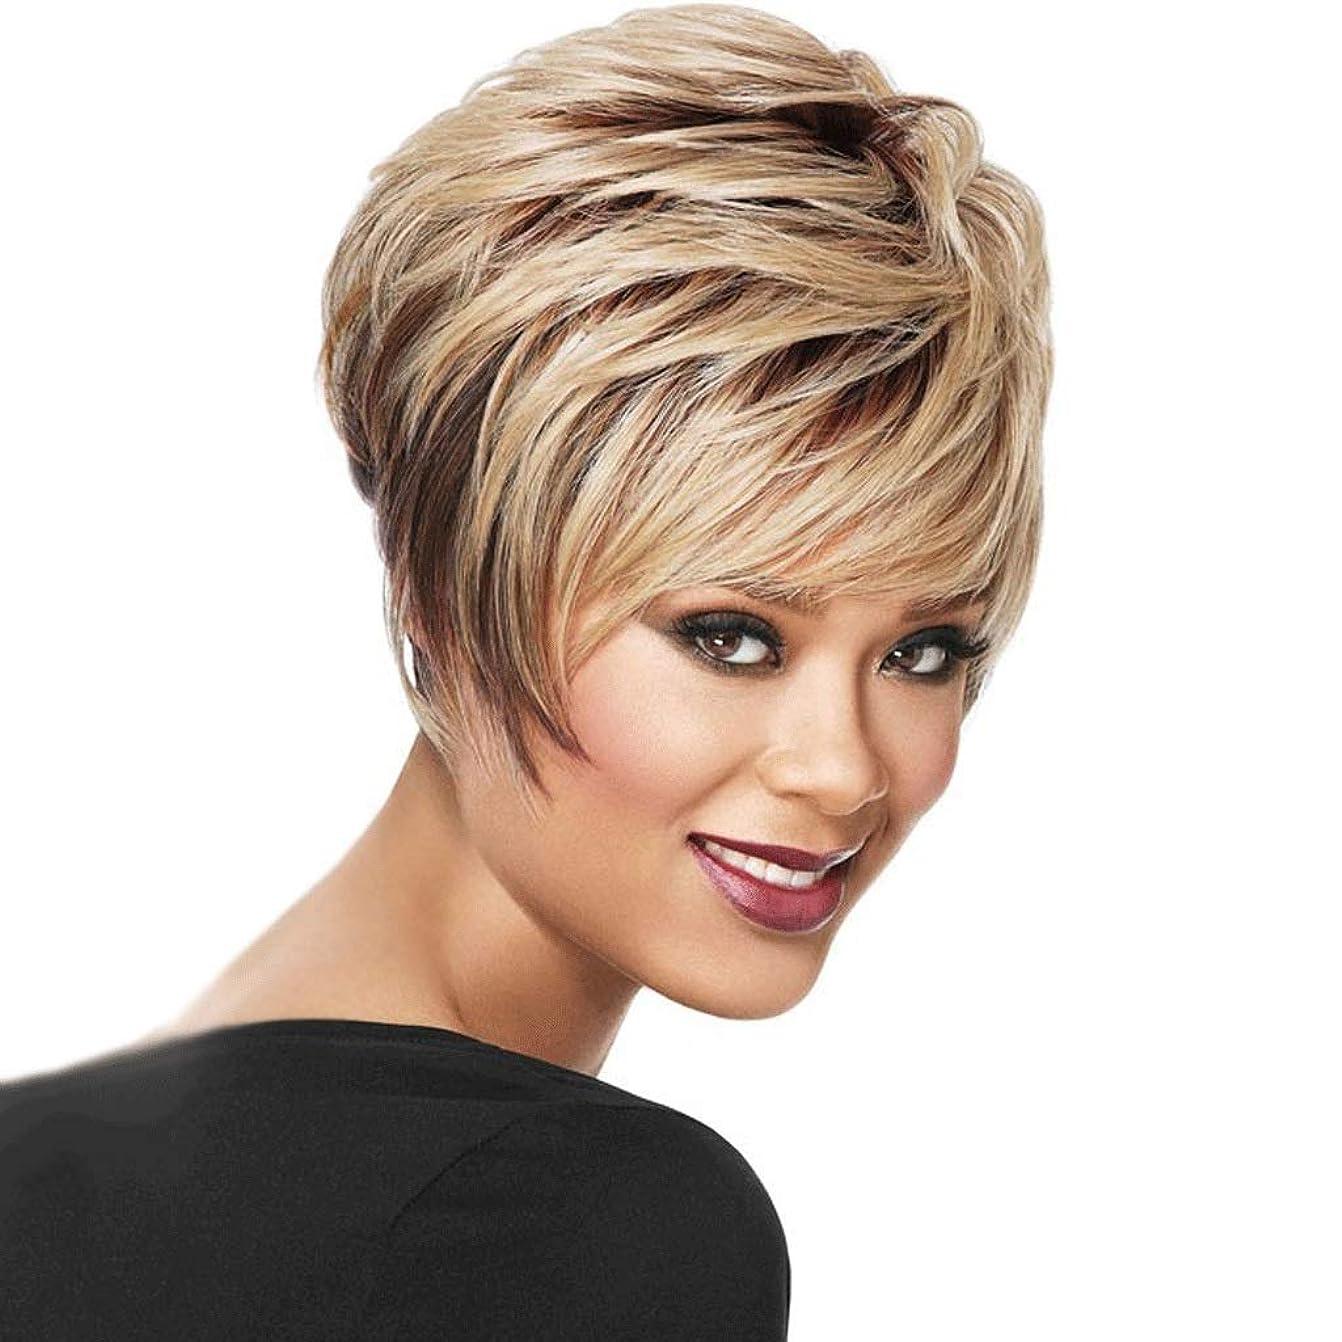 それにもかかわらず覗く厳密に女性のための短い巻き毛の黒い根のブロンドのかつら、耐熱性合成毛/ 150%密度柔らかい/通気性 (色 : Blond)